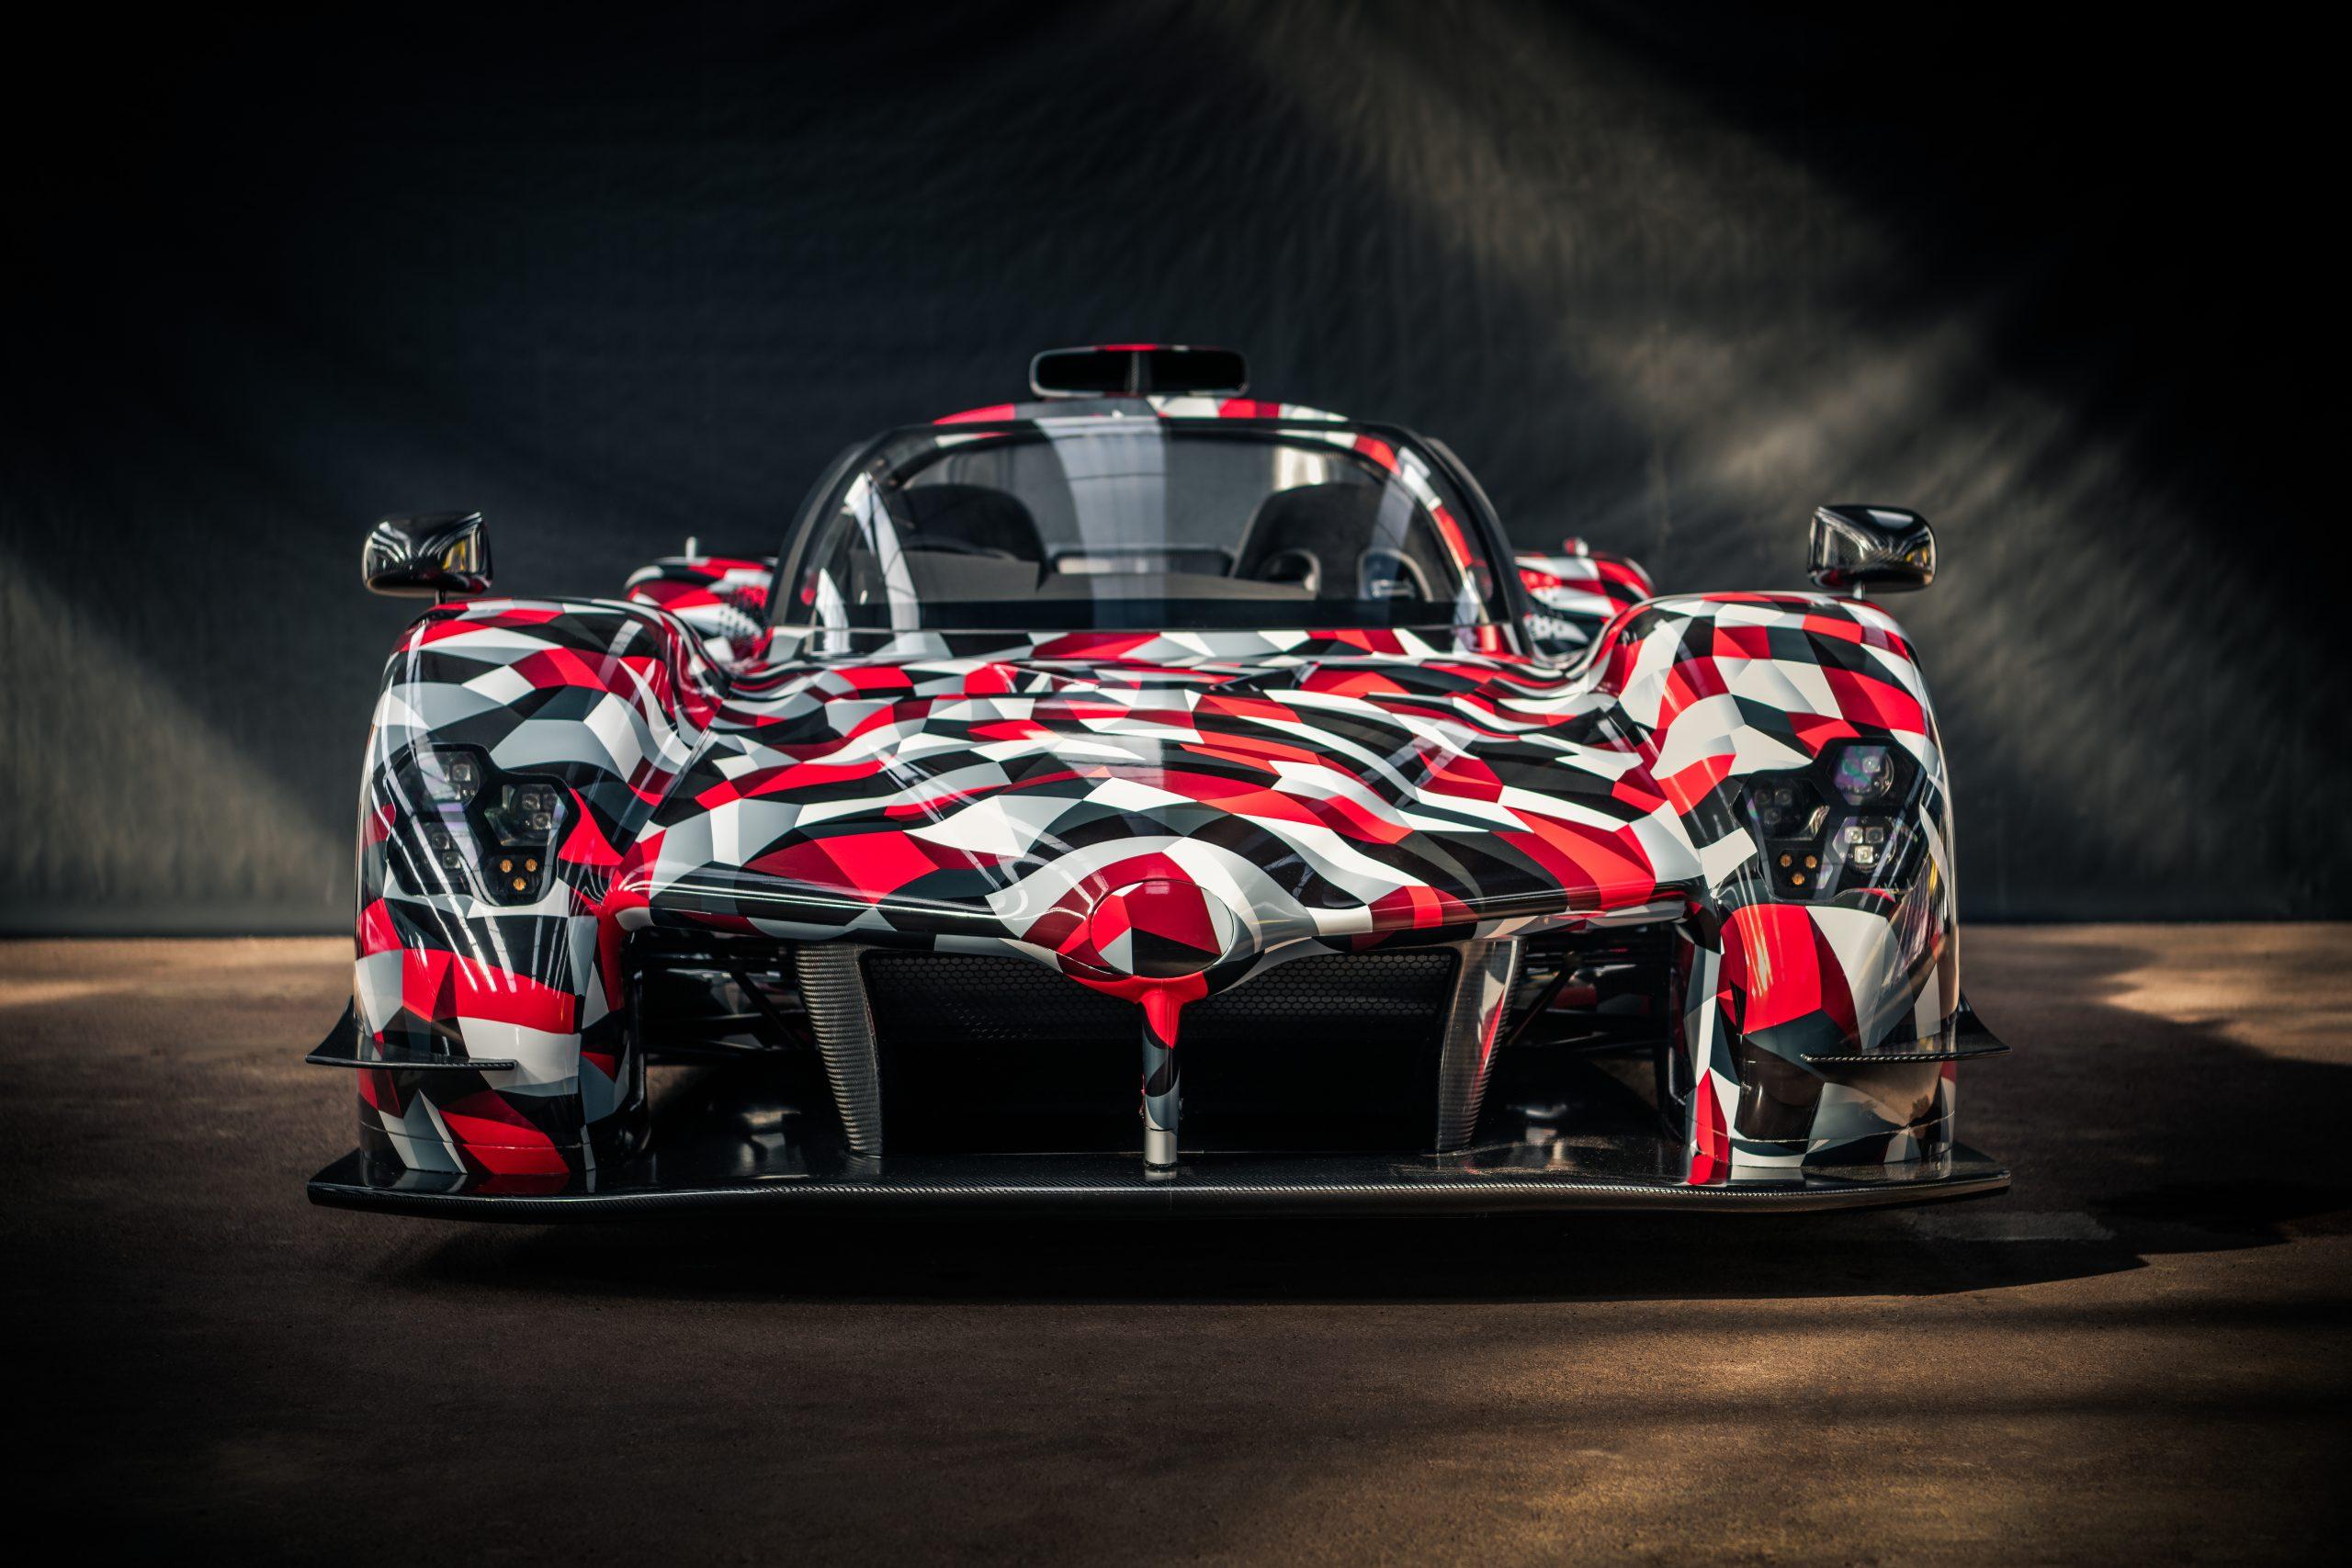 GR Super Sport front